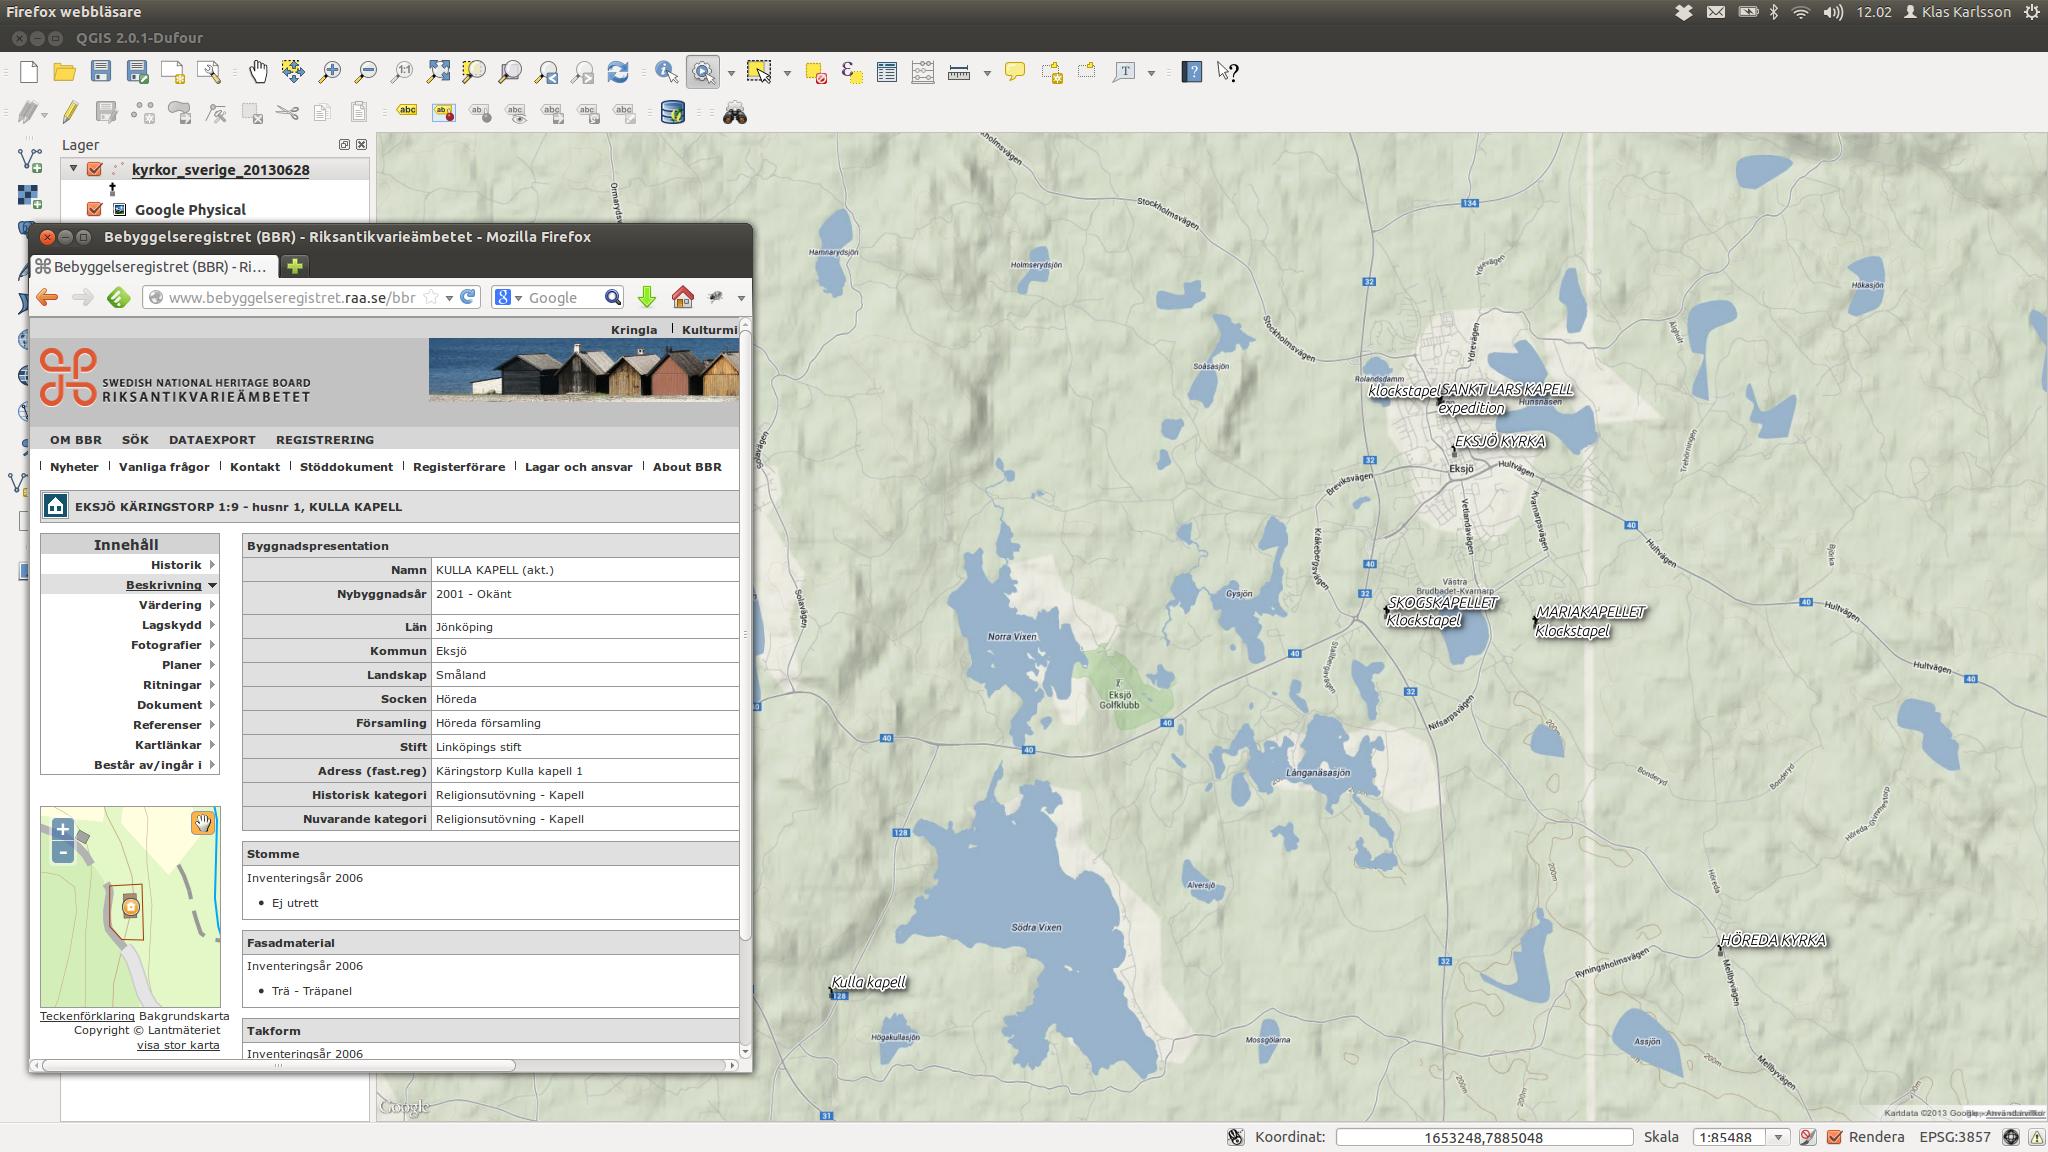 Skärmbild från 2013-10-13 12:02:58